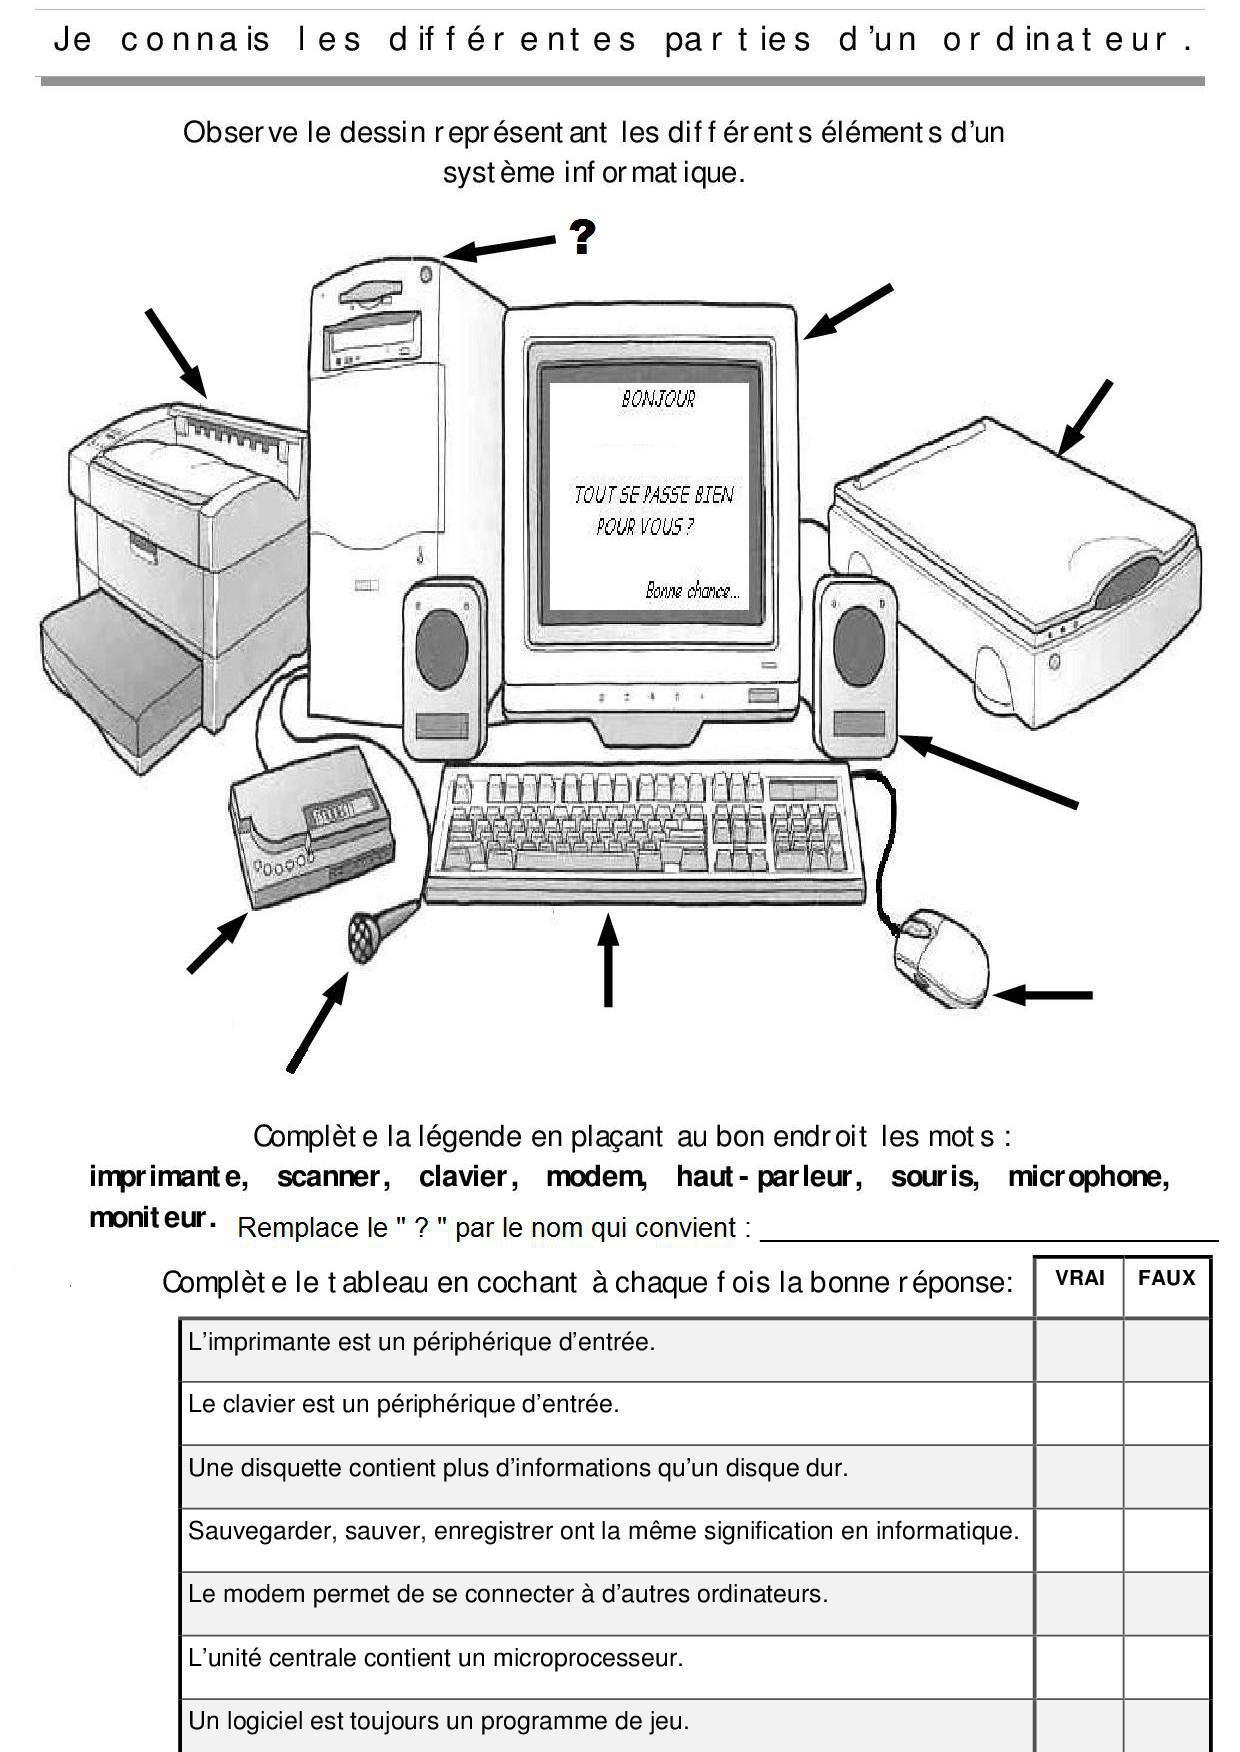 E.1.1 Les Différents Éléments De L'ordinateur Par Edumoov encequiconcerne Ordi Mots